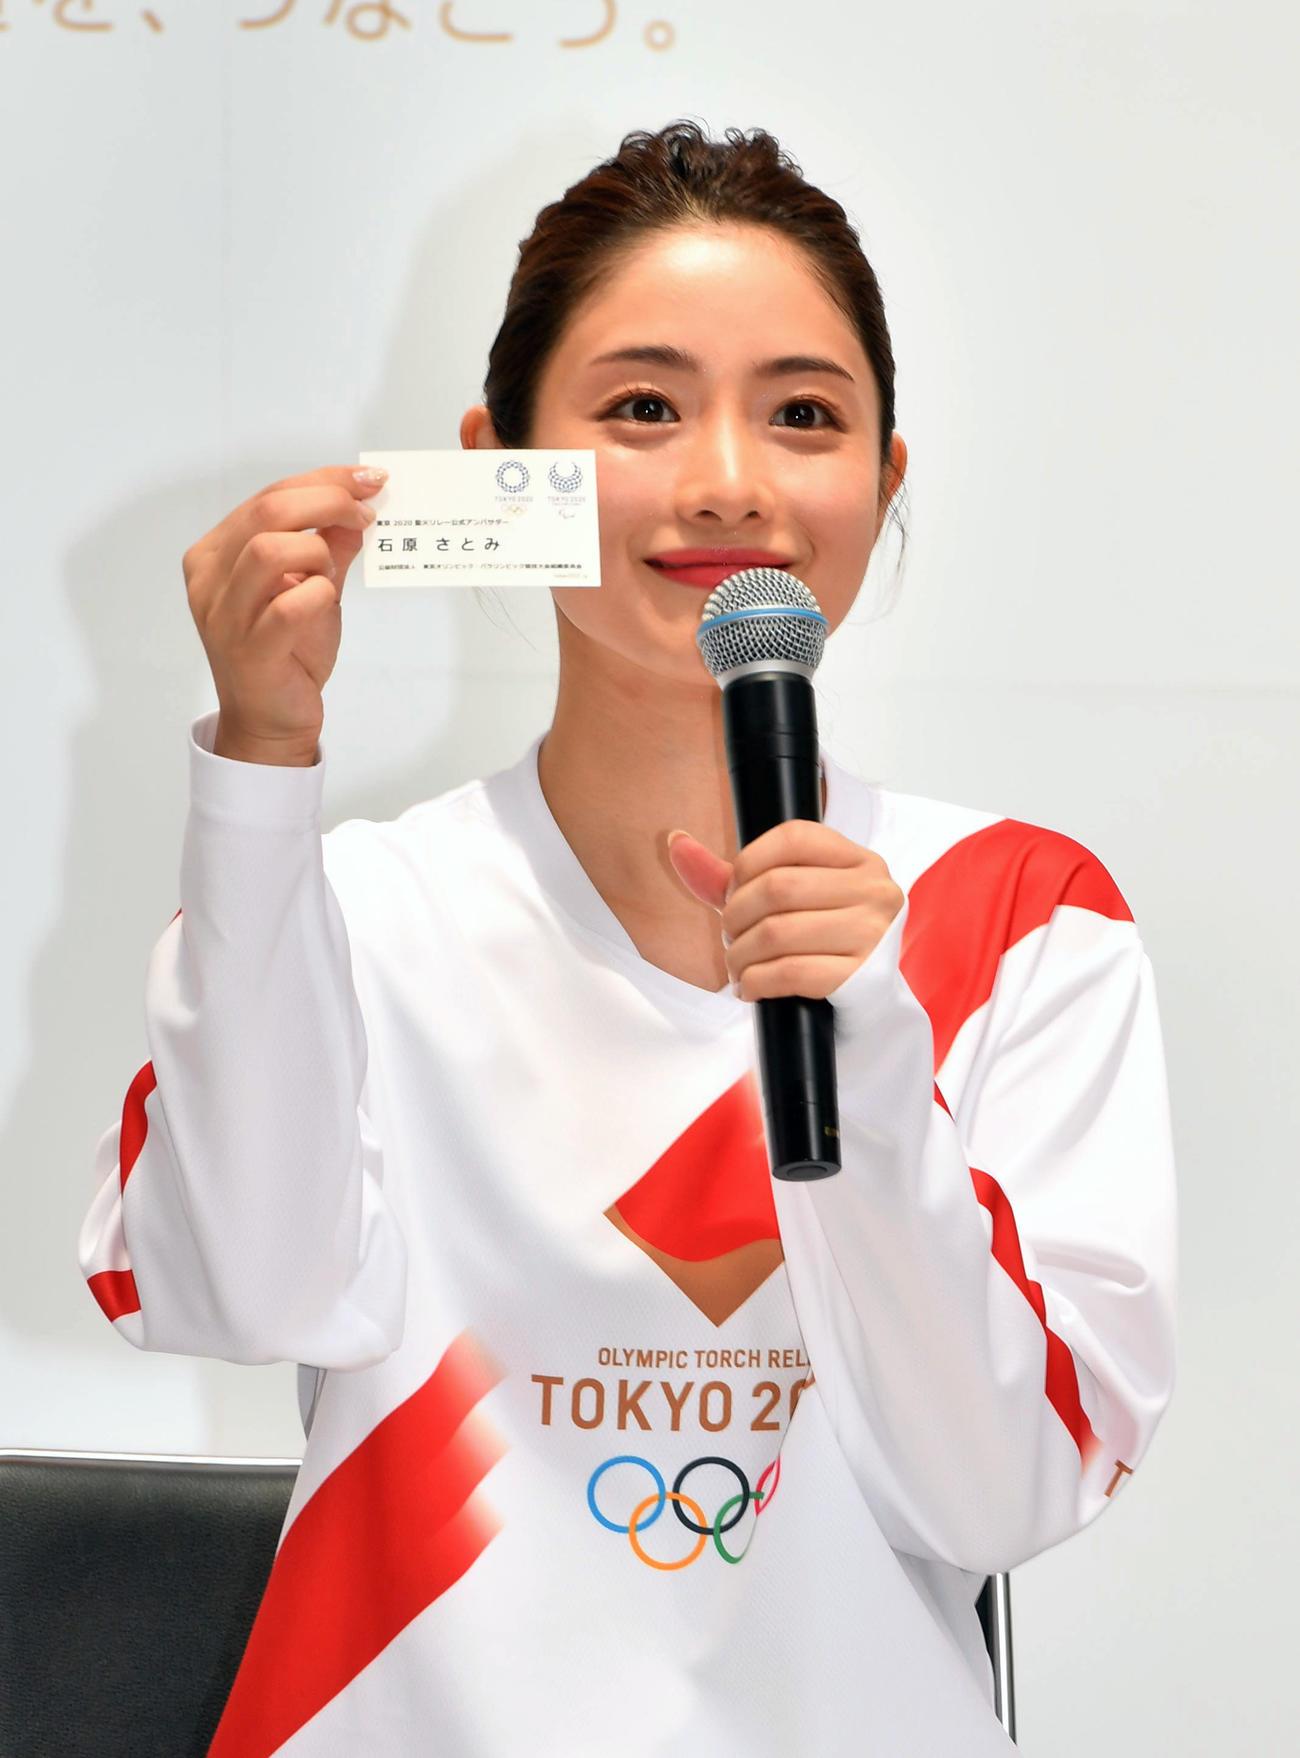 東京2020聖火リレーアンバサダーに石原さとみが就任!選ばれた理由とは?1